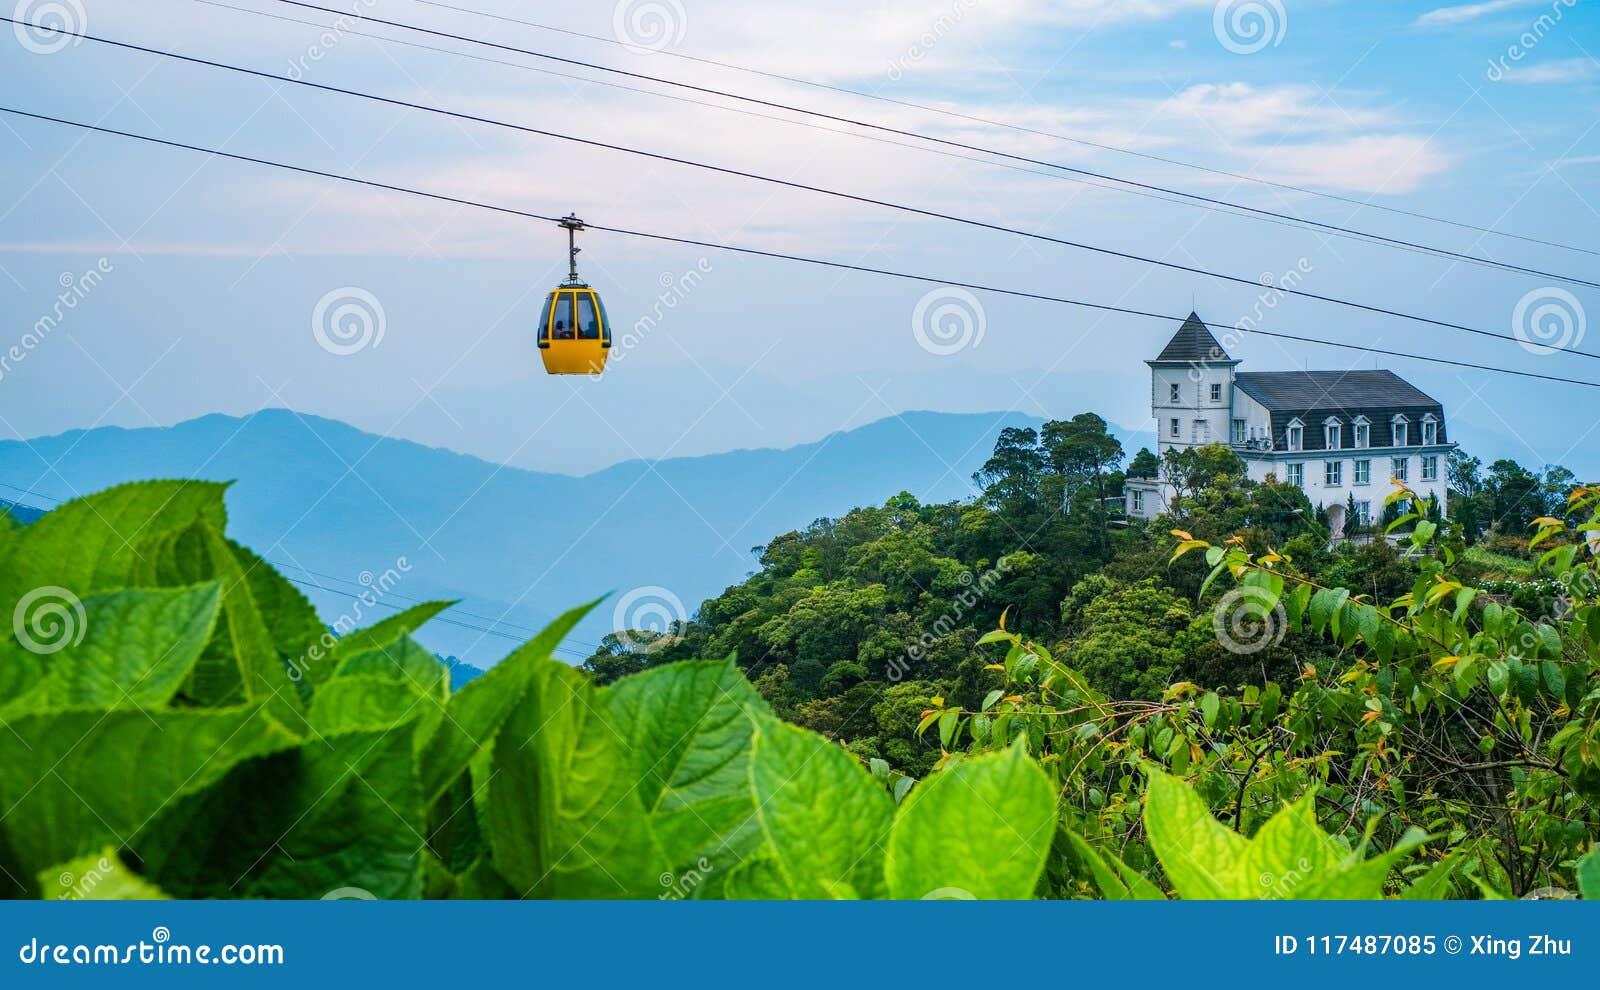 Kabelwagen, de heuvel van Bedelaarsna, Da Nang, Vietnam